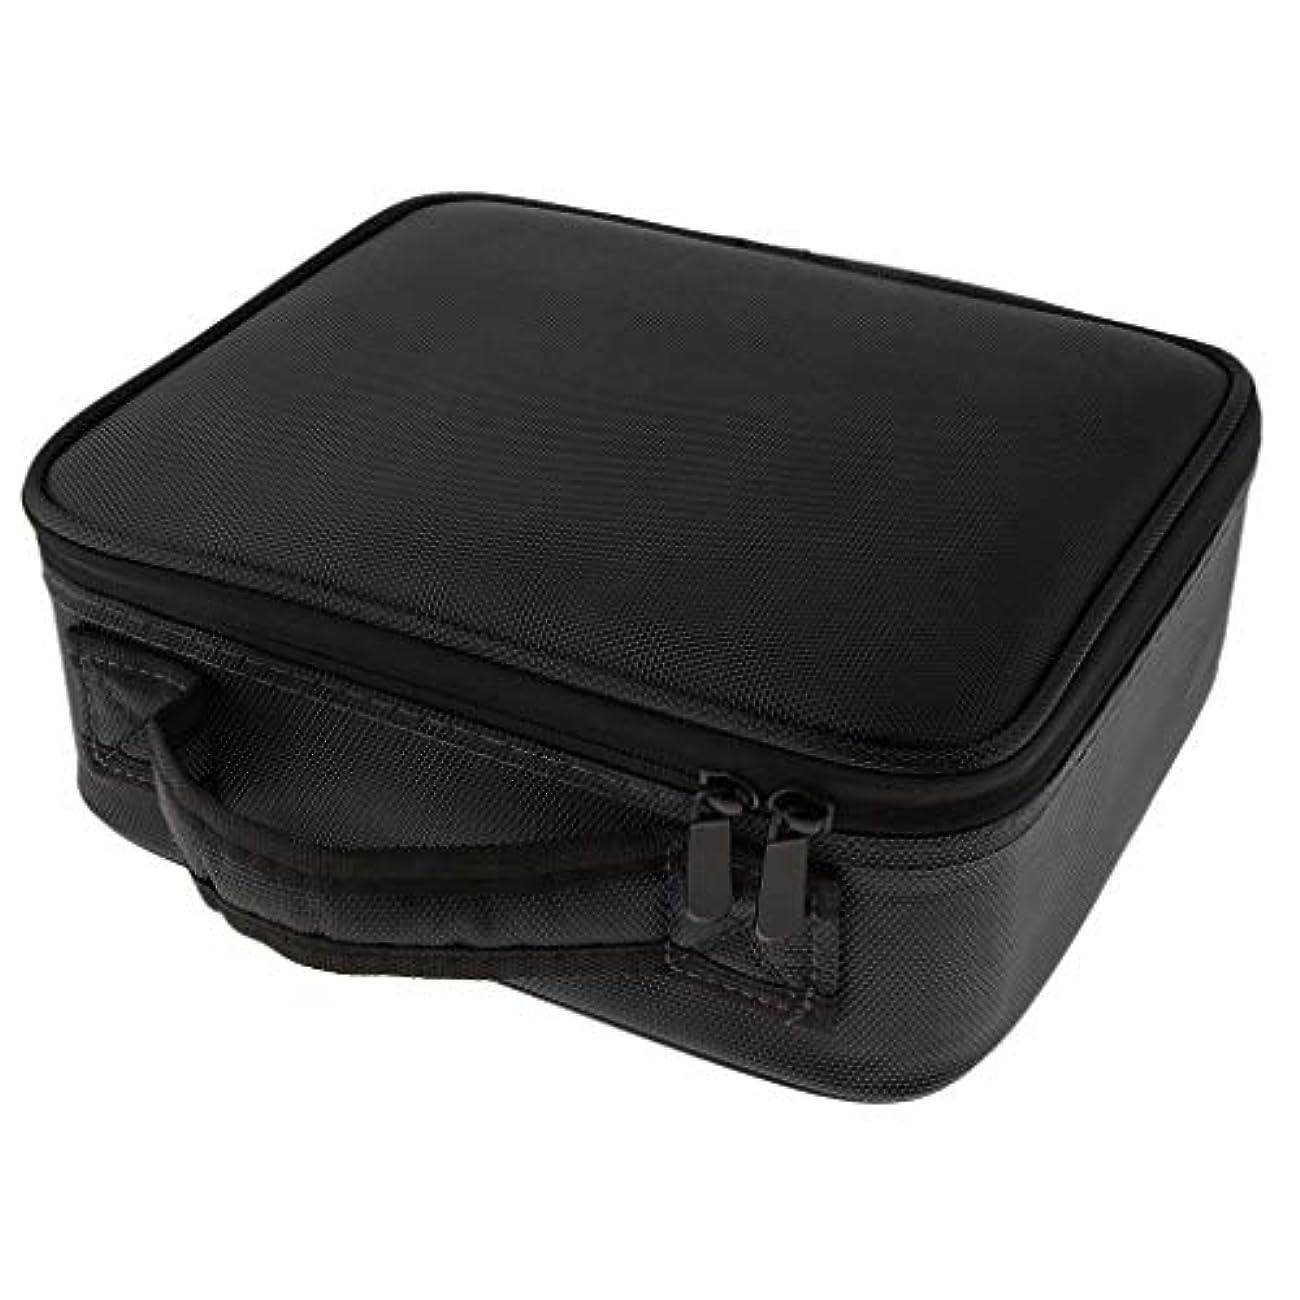 財布化粧撤回するメイクケース メイクボックス 化粧箱 コスメケース 仕切り メイク小物 雑貨收納 大容量 贈り物 - ブラックS